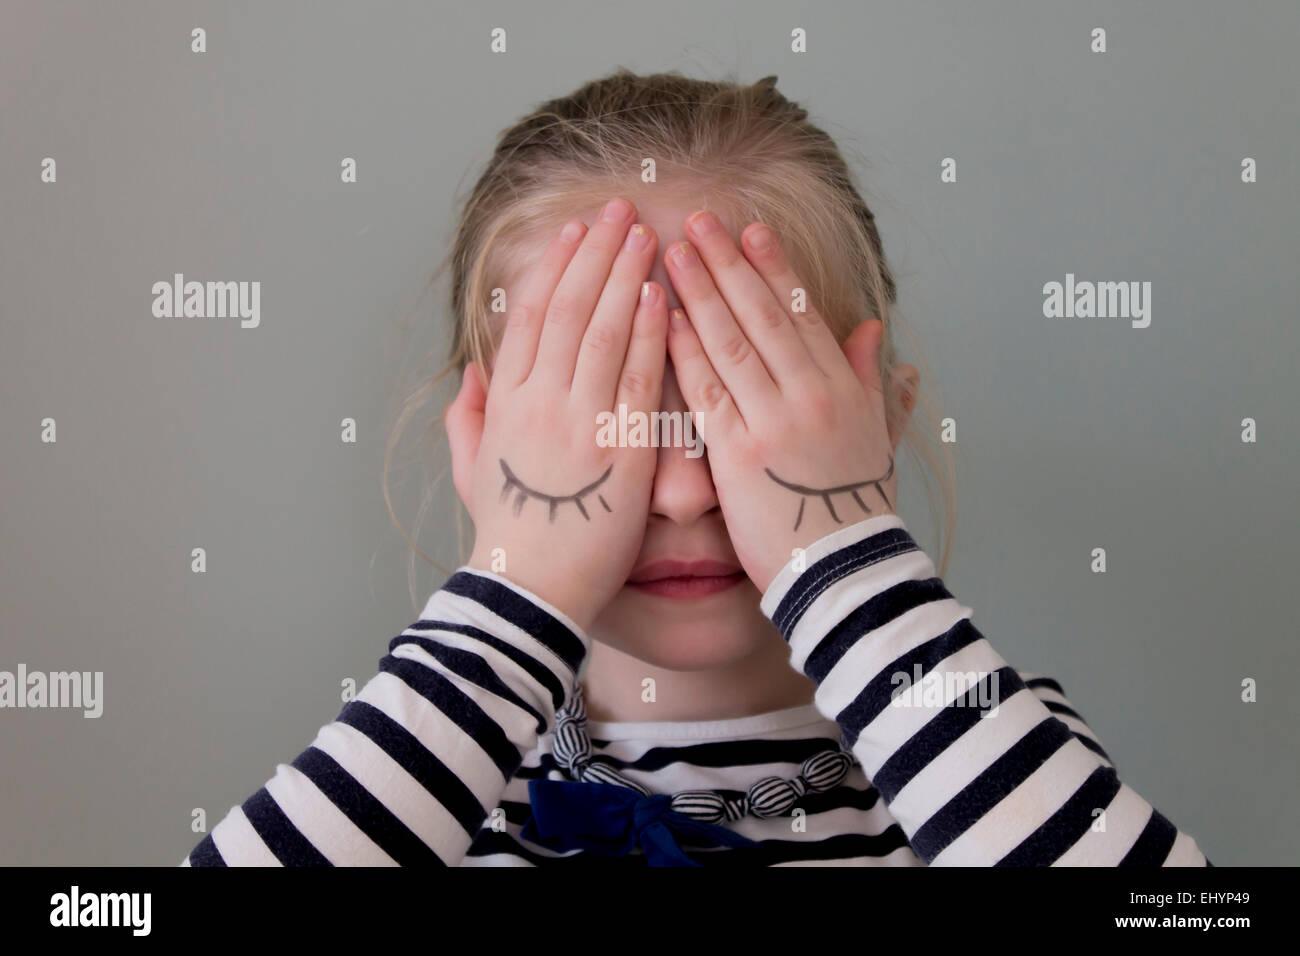 Mädchen für ihre Augen mit Händen, die Augen auf sie gezeichnet haben Stockbild